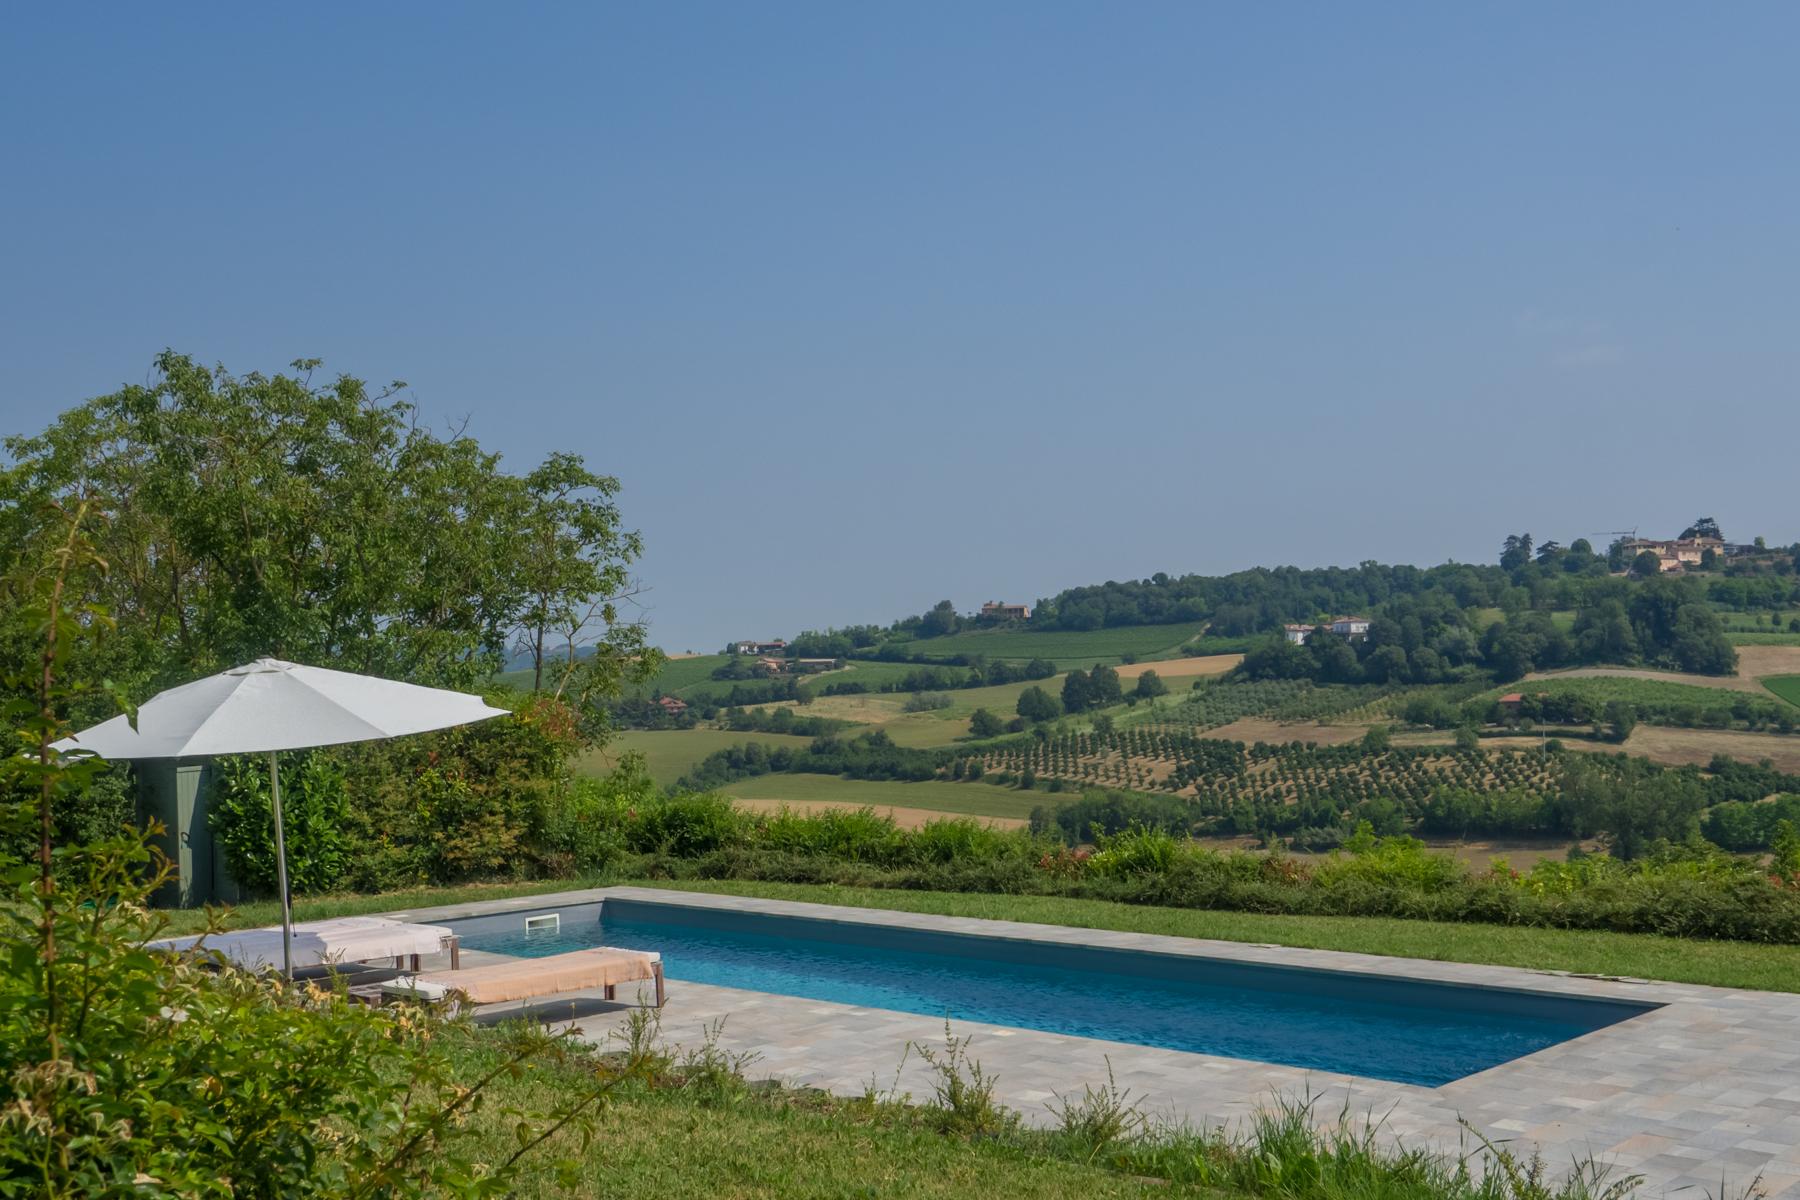 Casa indipendente in Vendita a Moncalvo: 5 locali, 260 mq